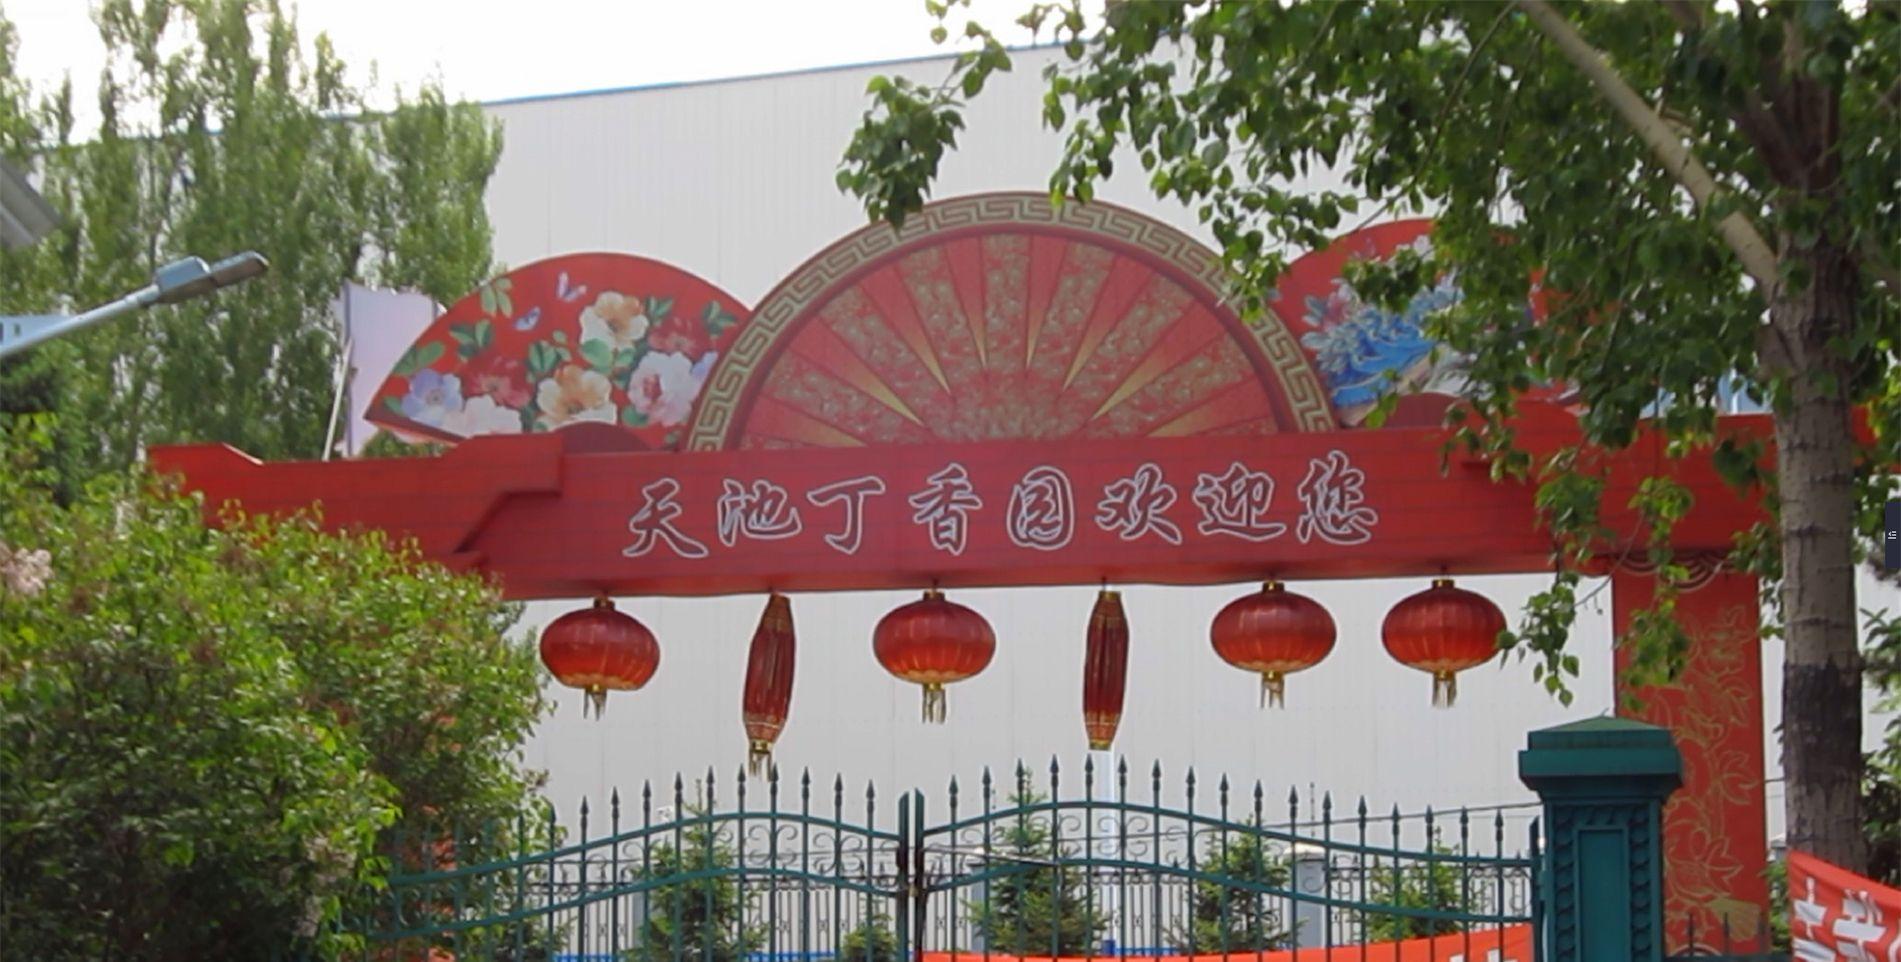 哈尔滨的大黄鸭,儿童节好去处——天池丁香园